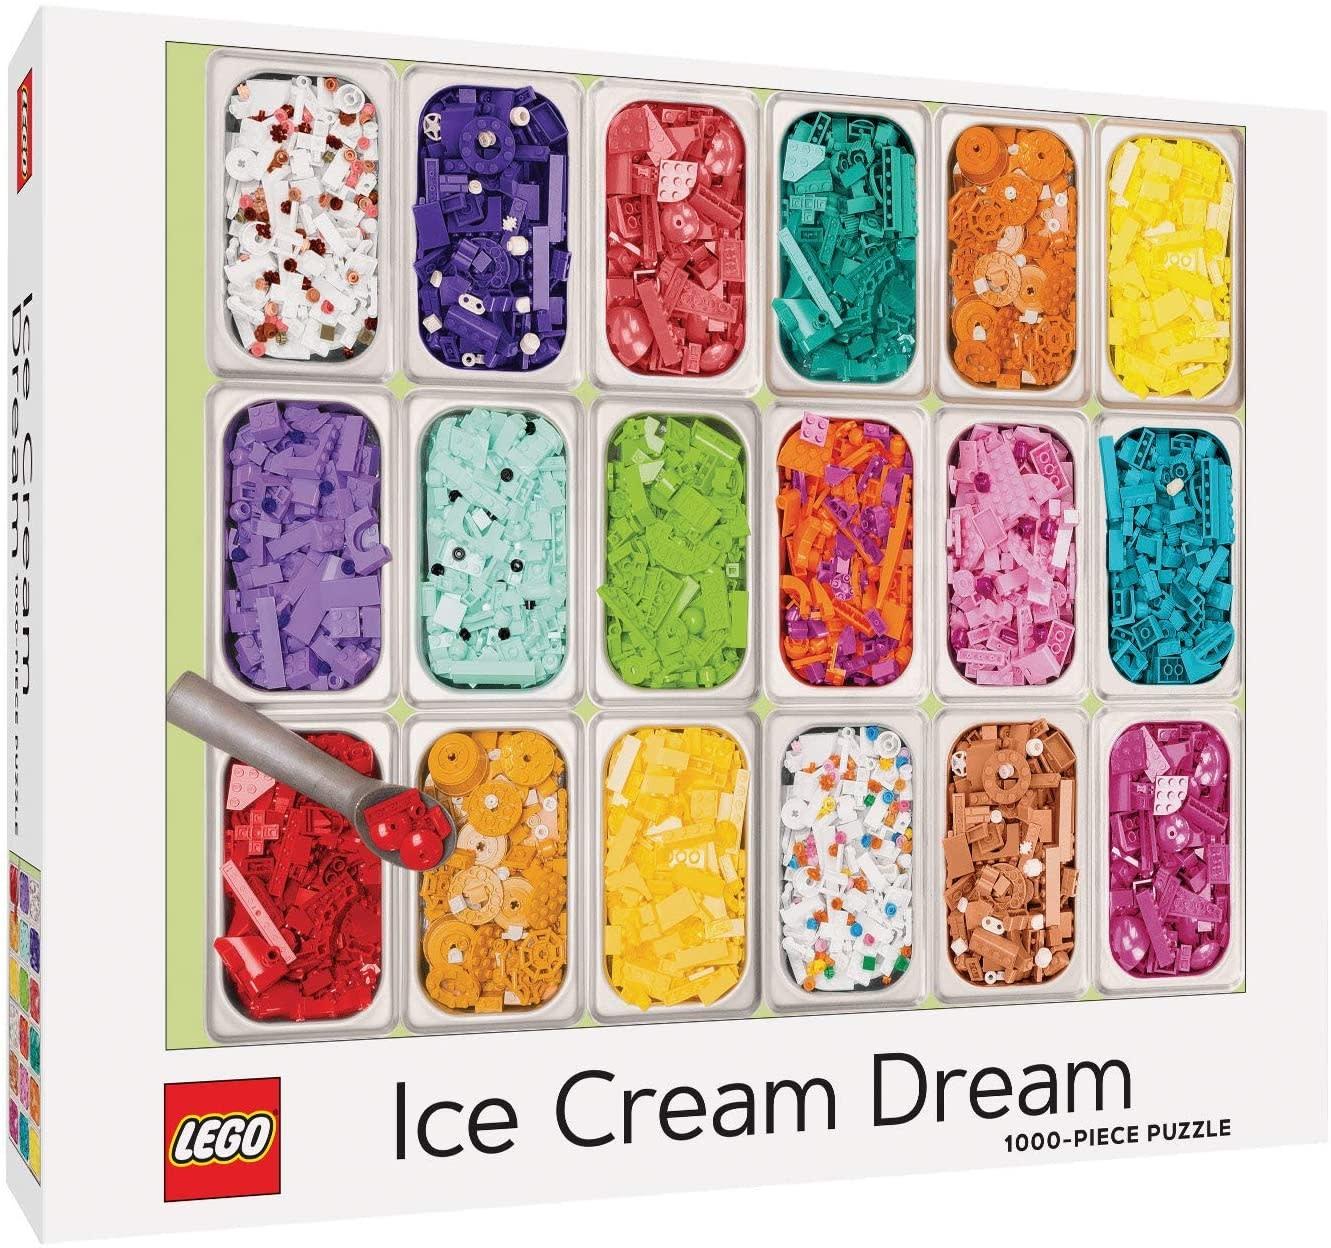 LEGO Ice Cream Dream Puzzle 1000 pc-1